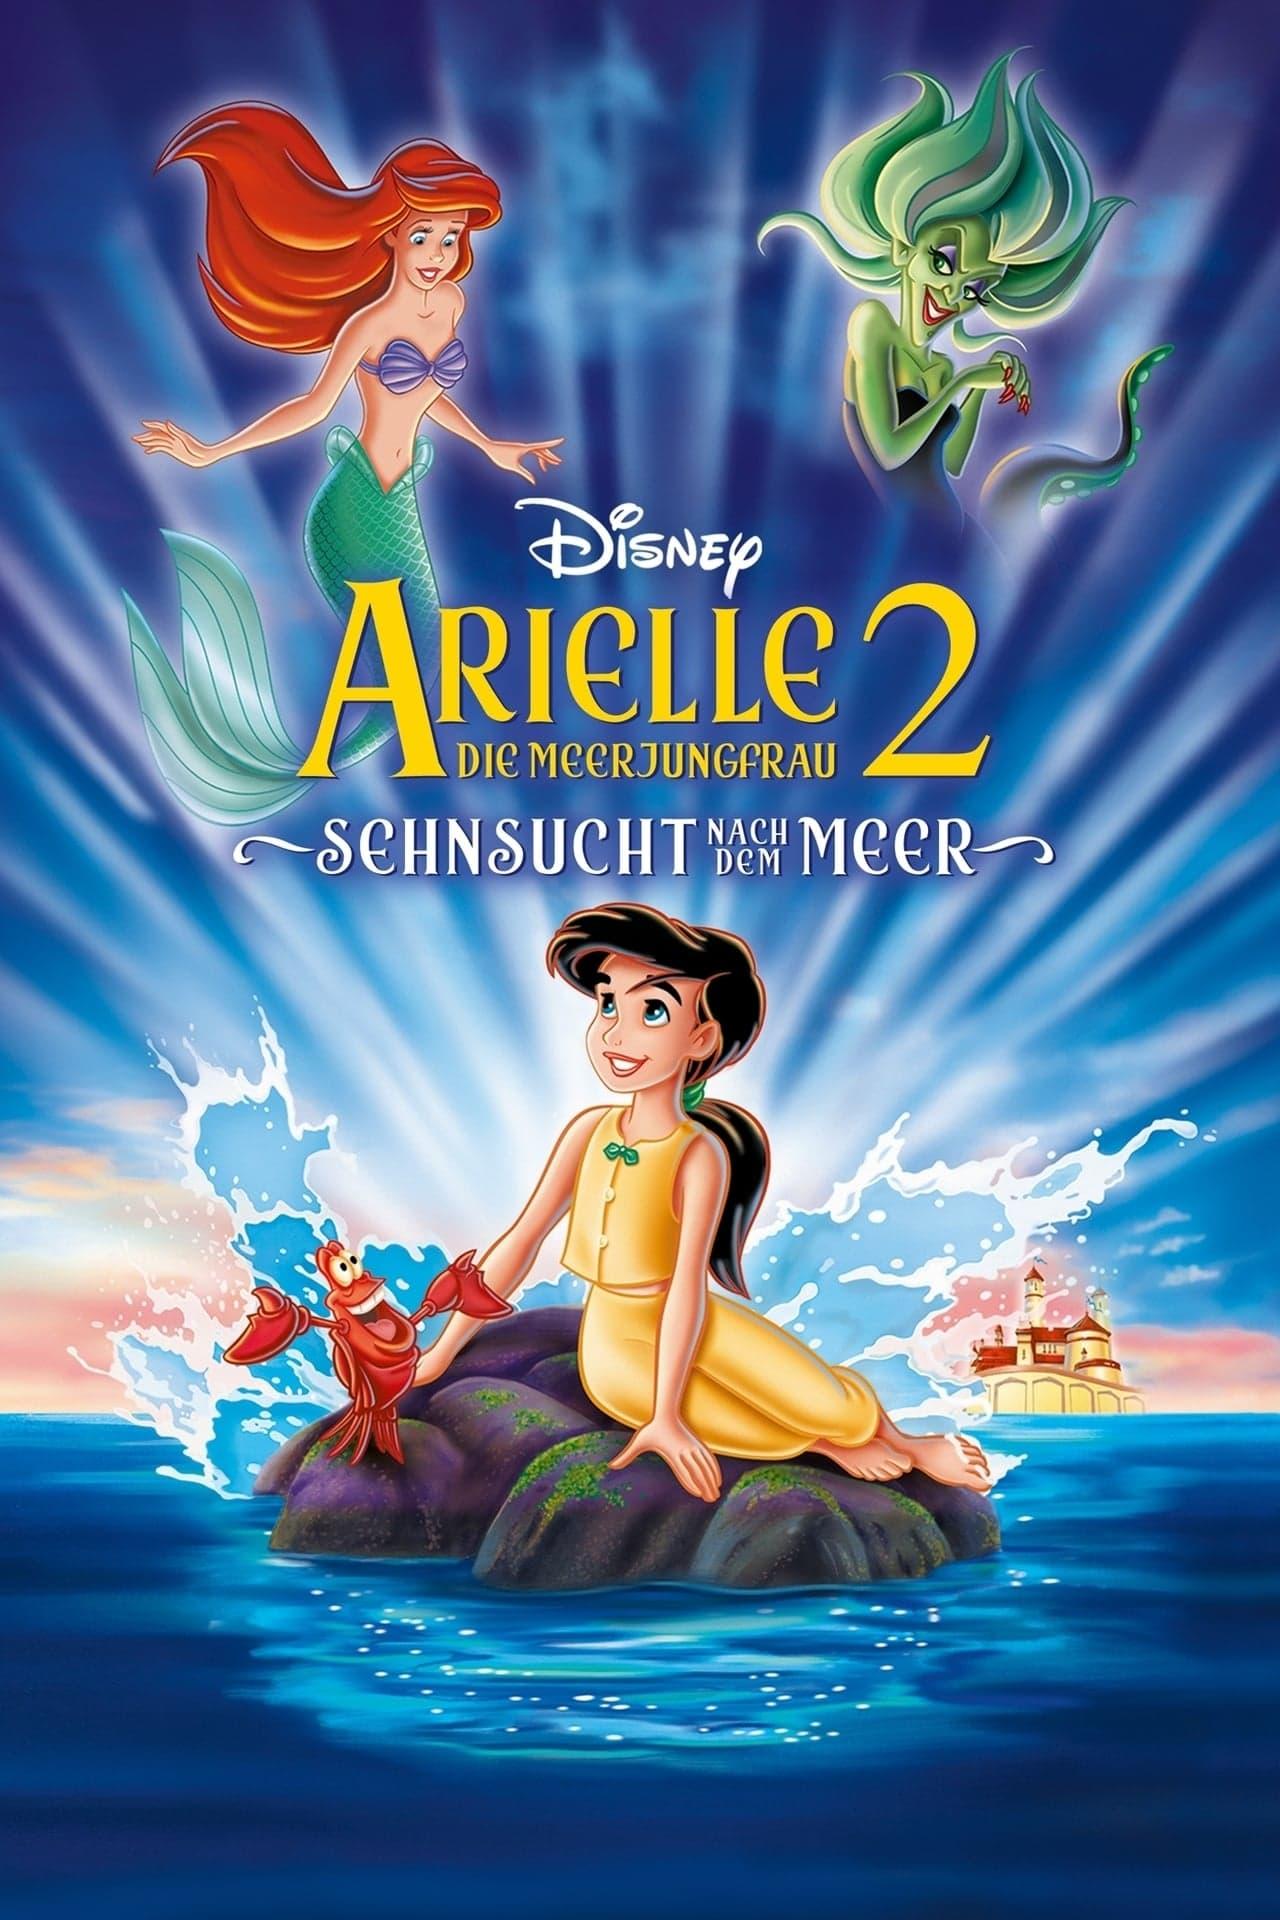 Arielle Die Meerjungfrau 2 Stream